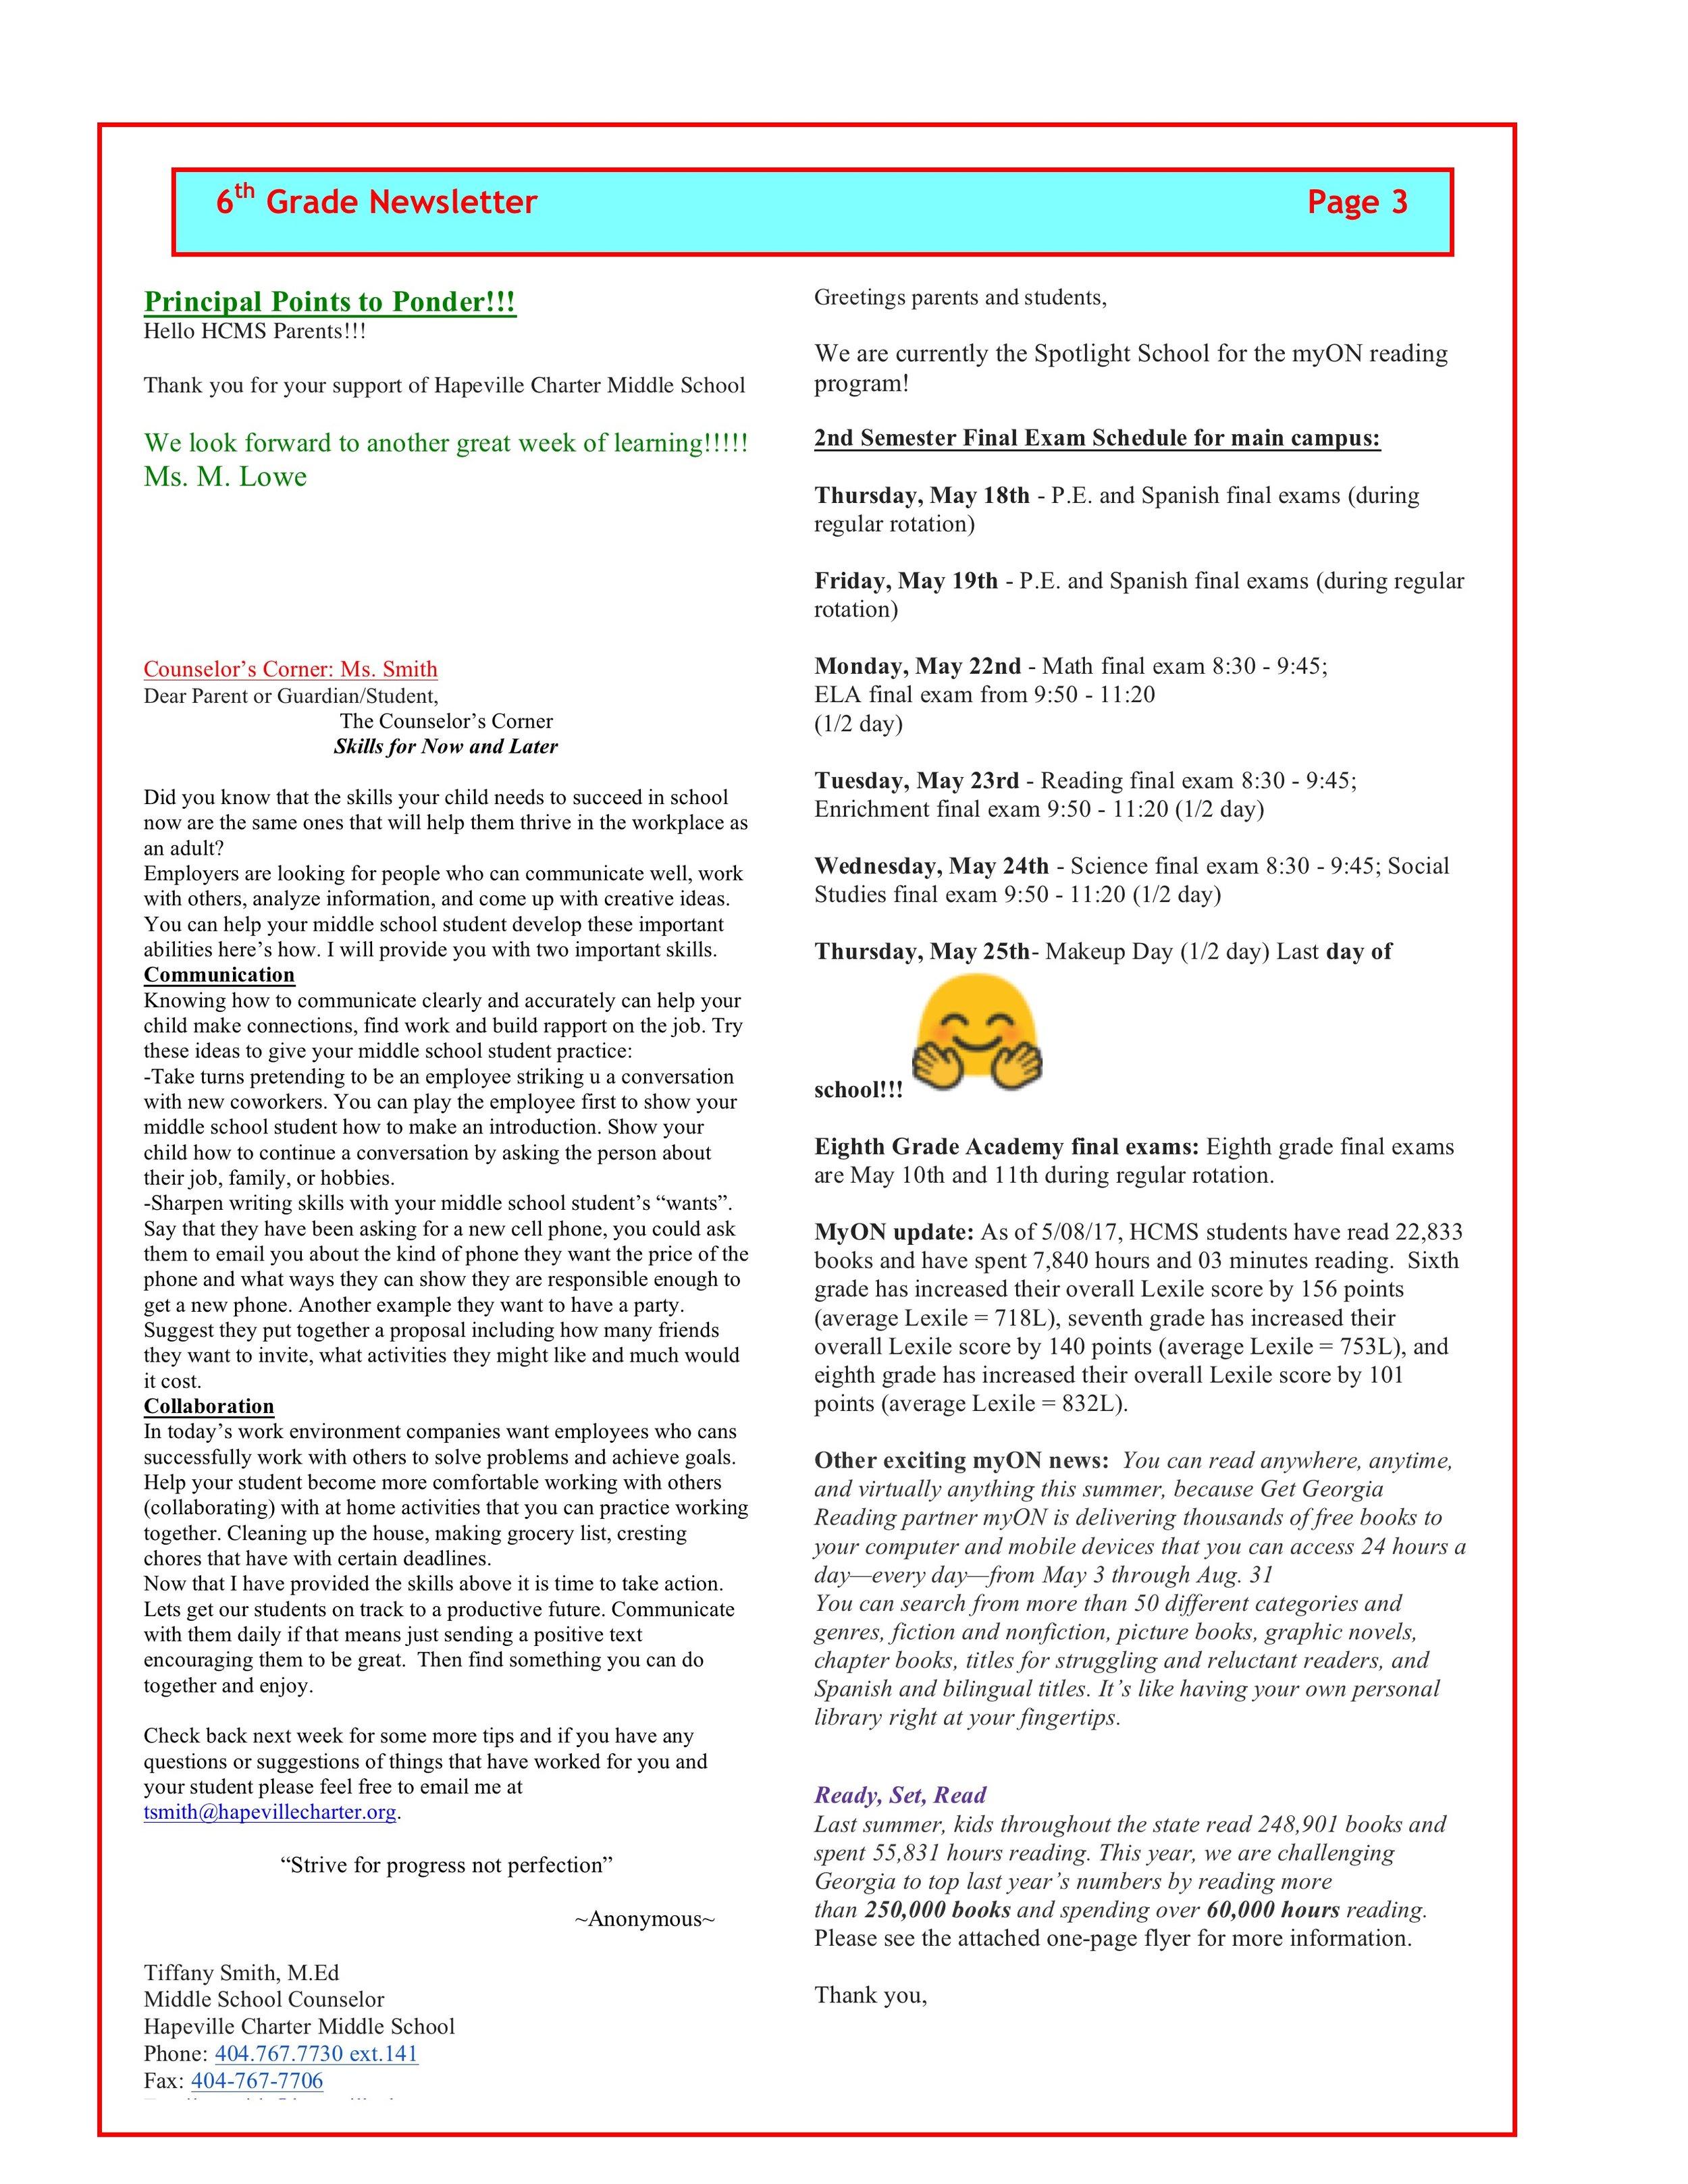 Newsletter Image6th Grade Newsletter 5-16-2017 3.jpeg